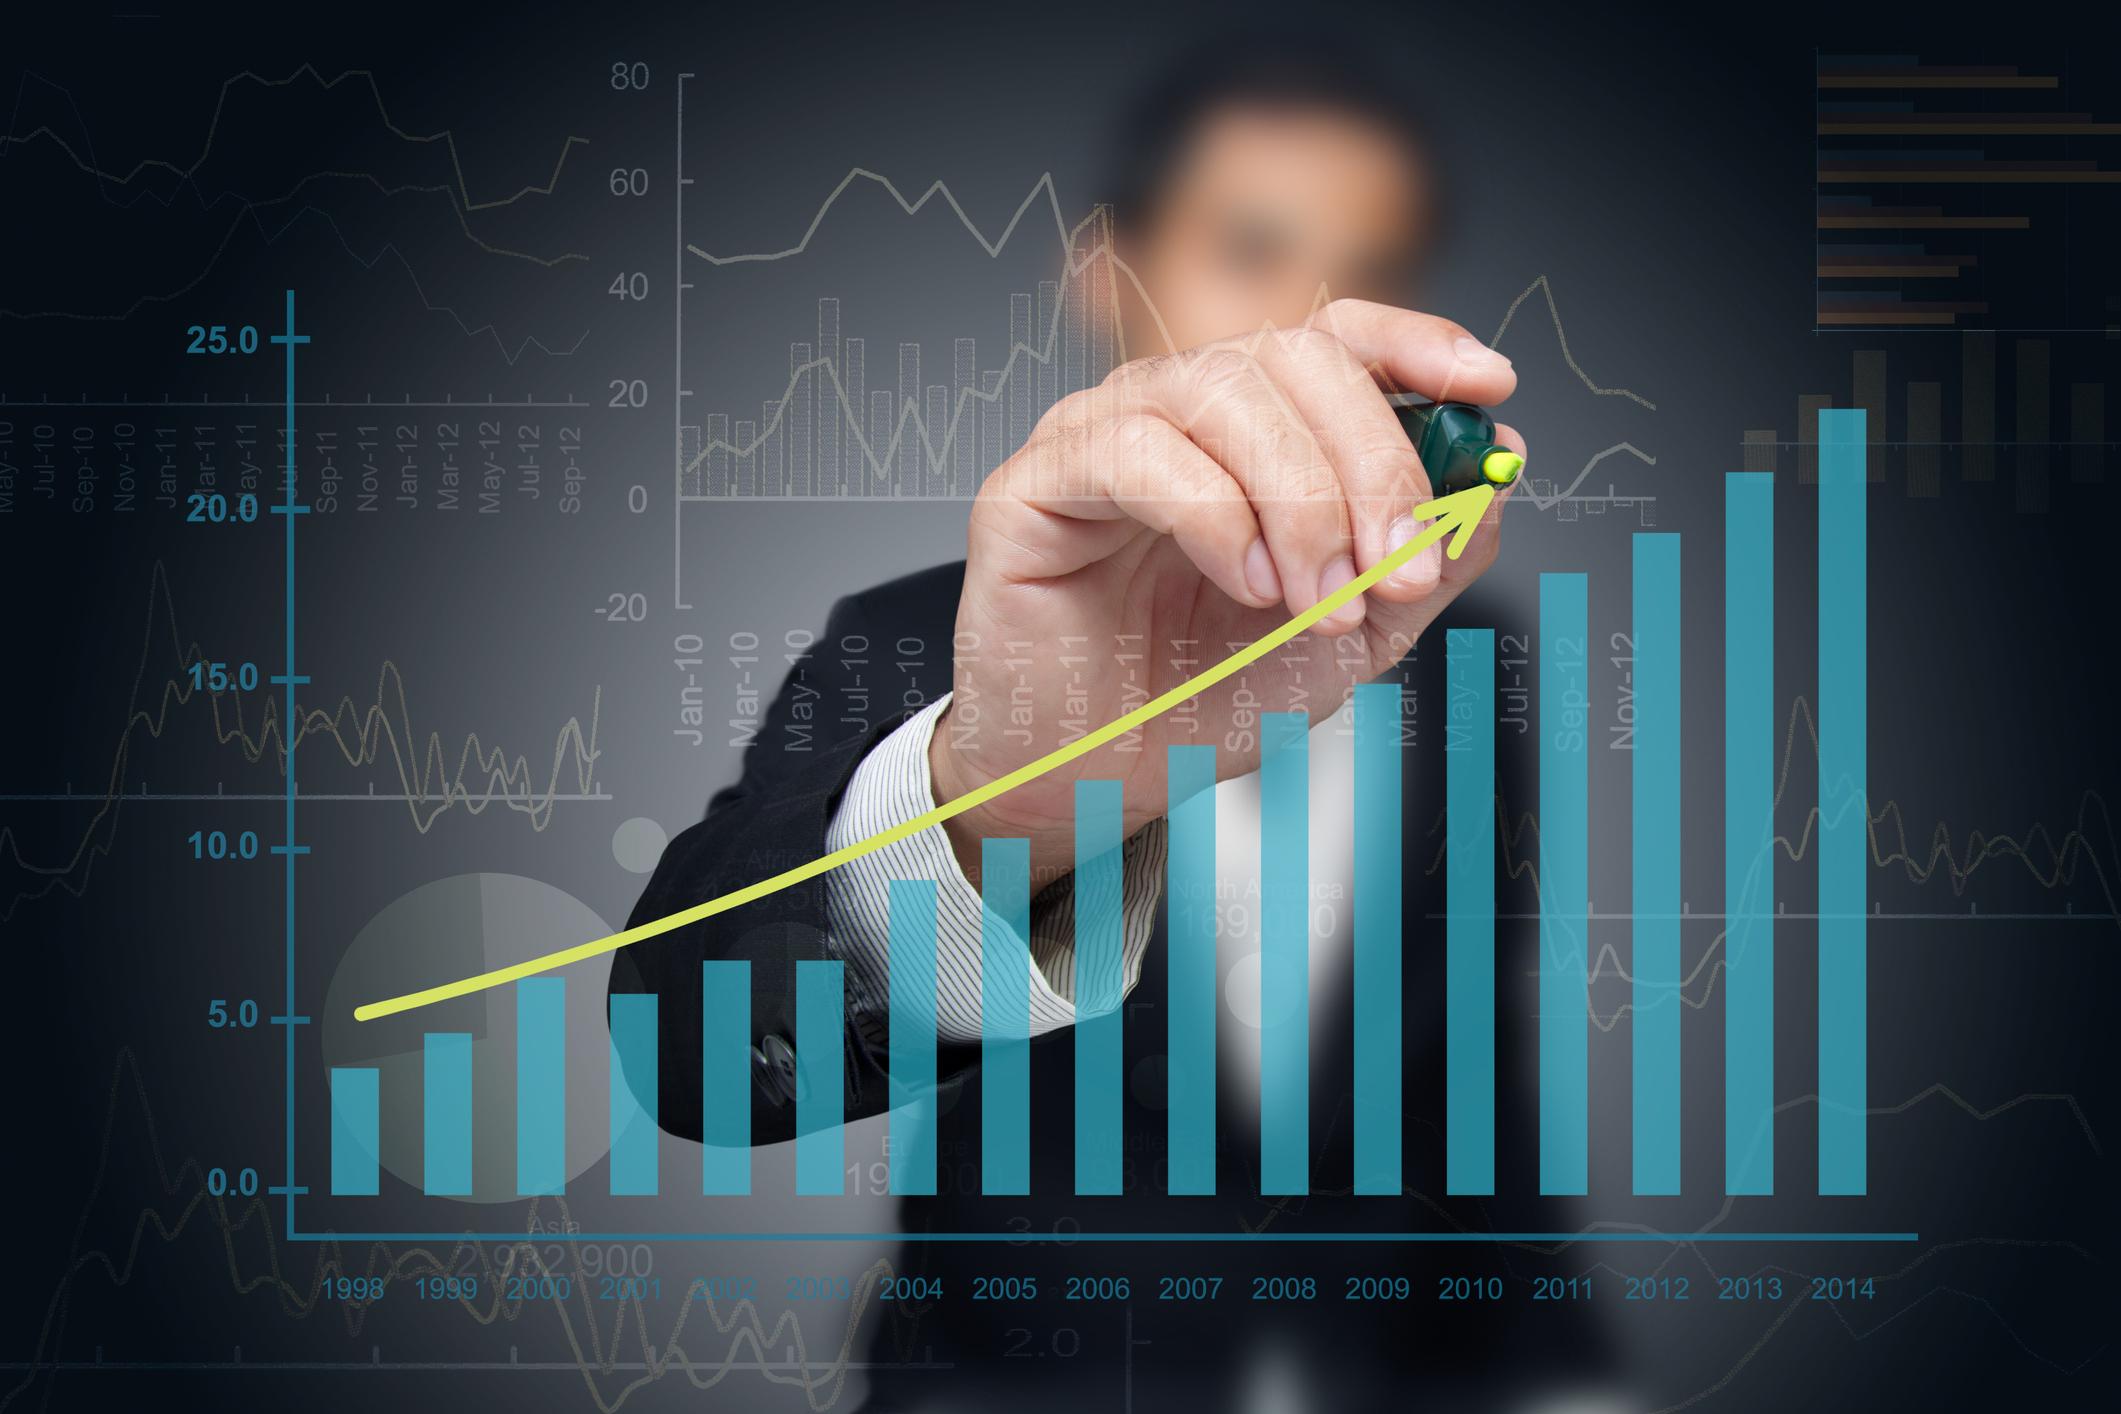 A businessman draws a line above an upwardly ascending bar chart.